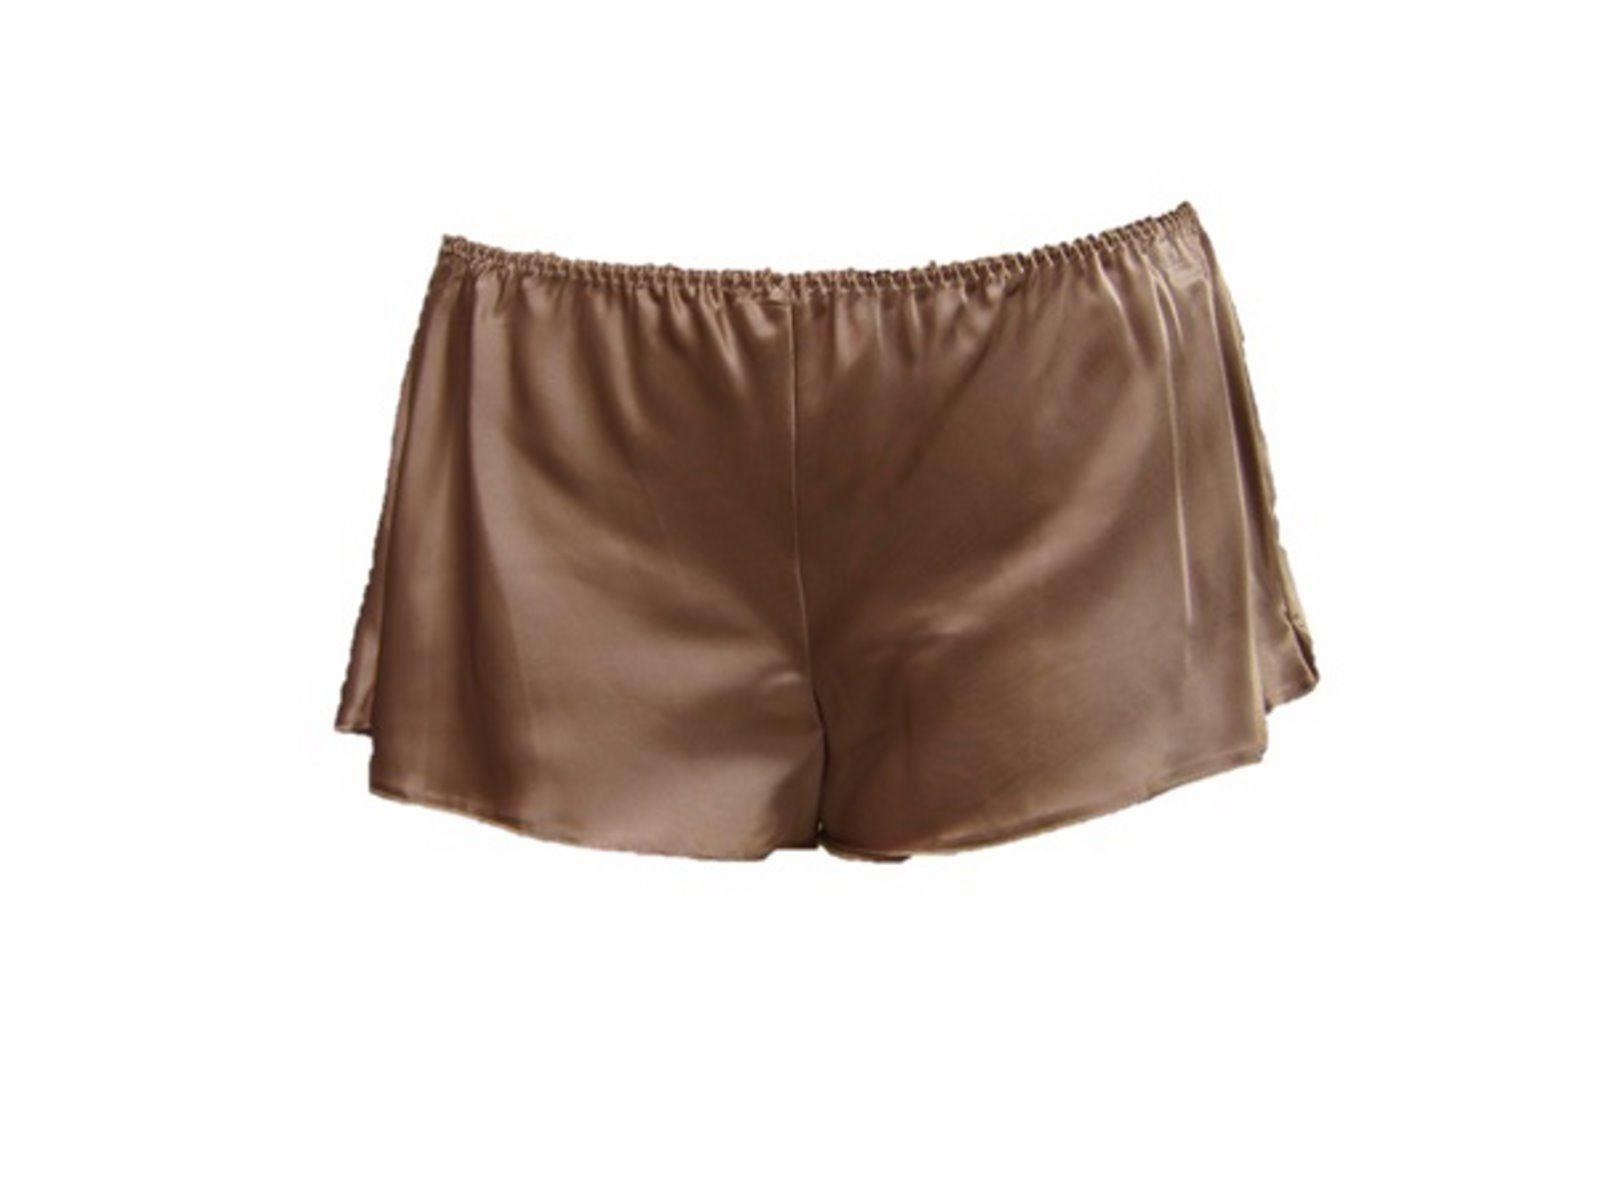 Ladies-Womens-french-knickers-Silk-Satin-Lingerie-Underwear-Panties